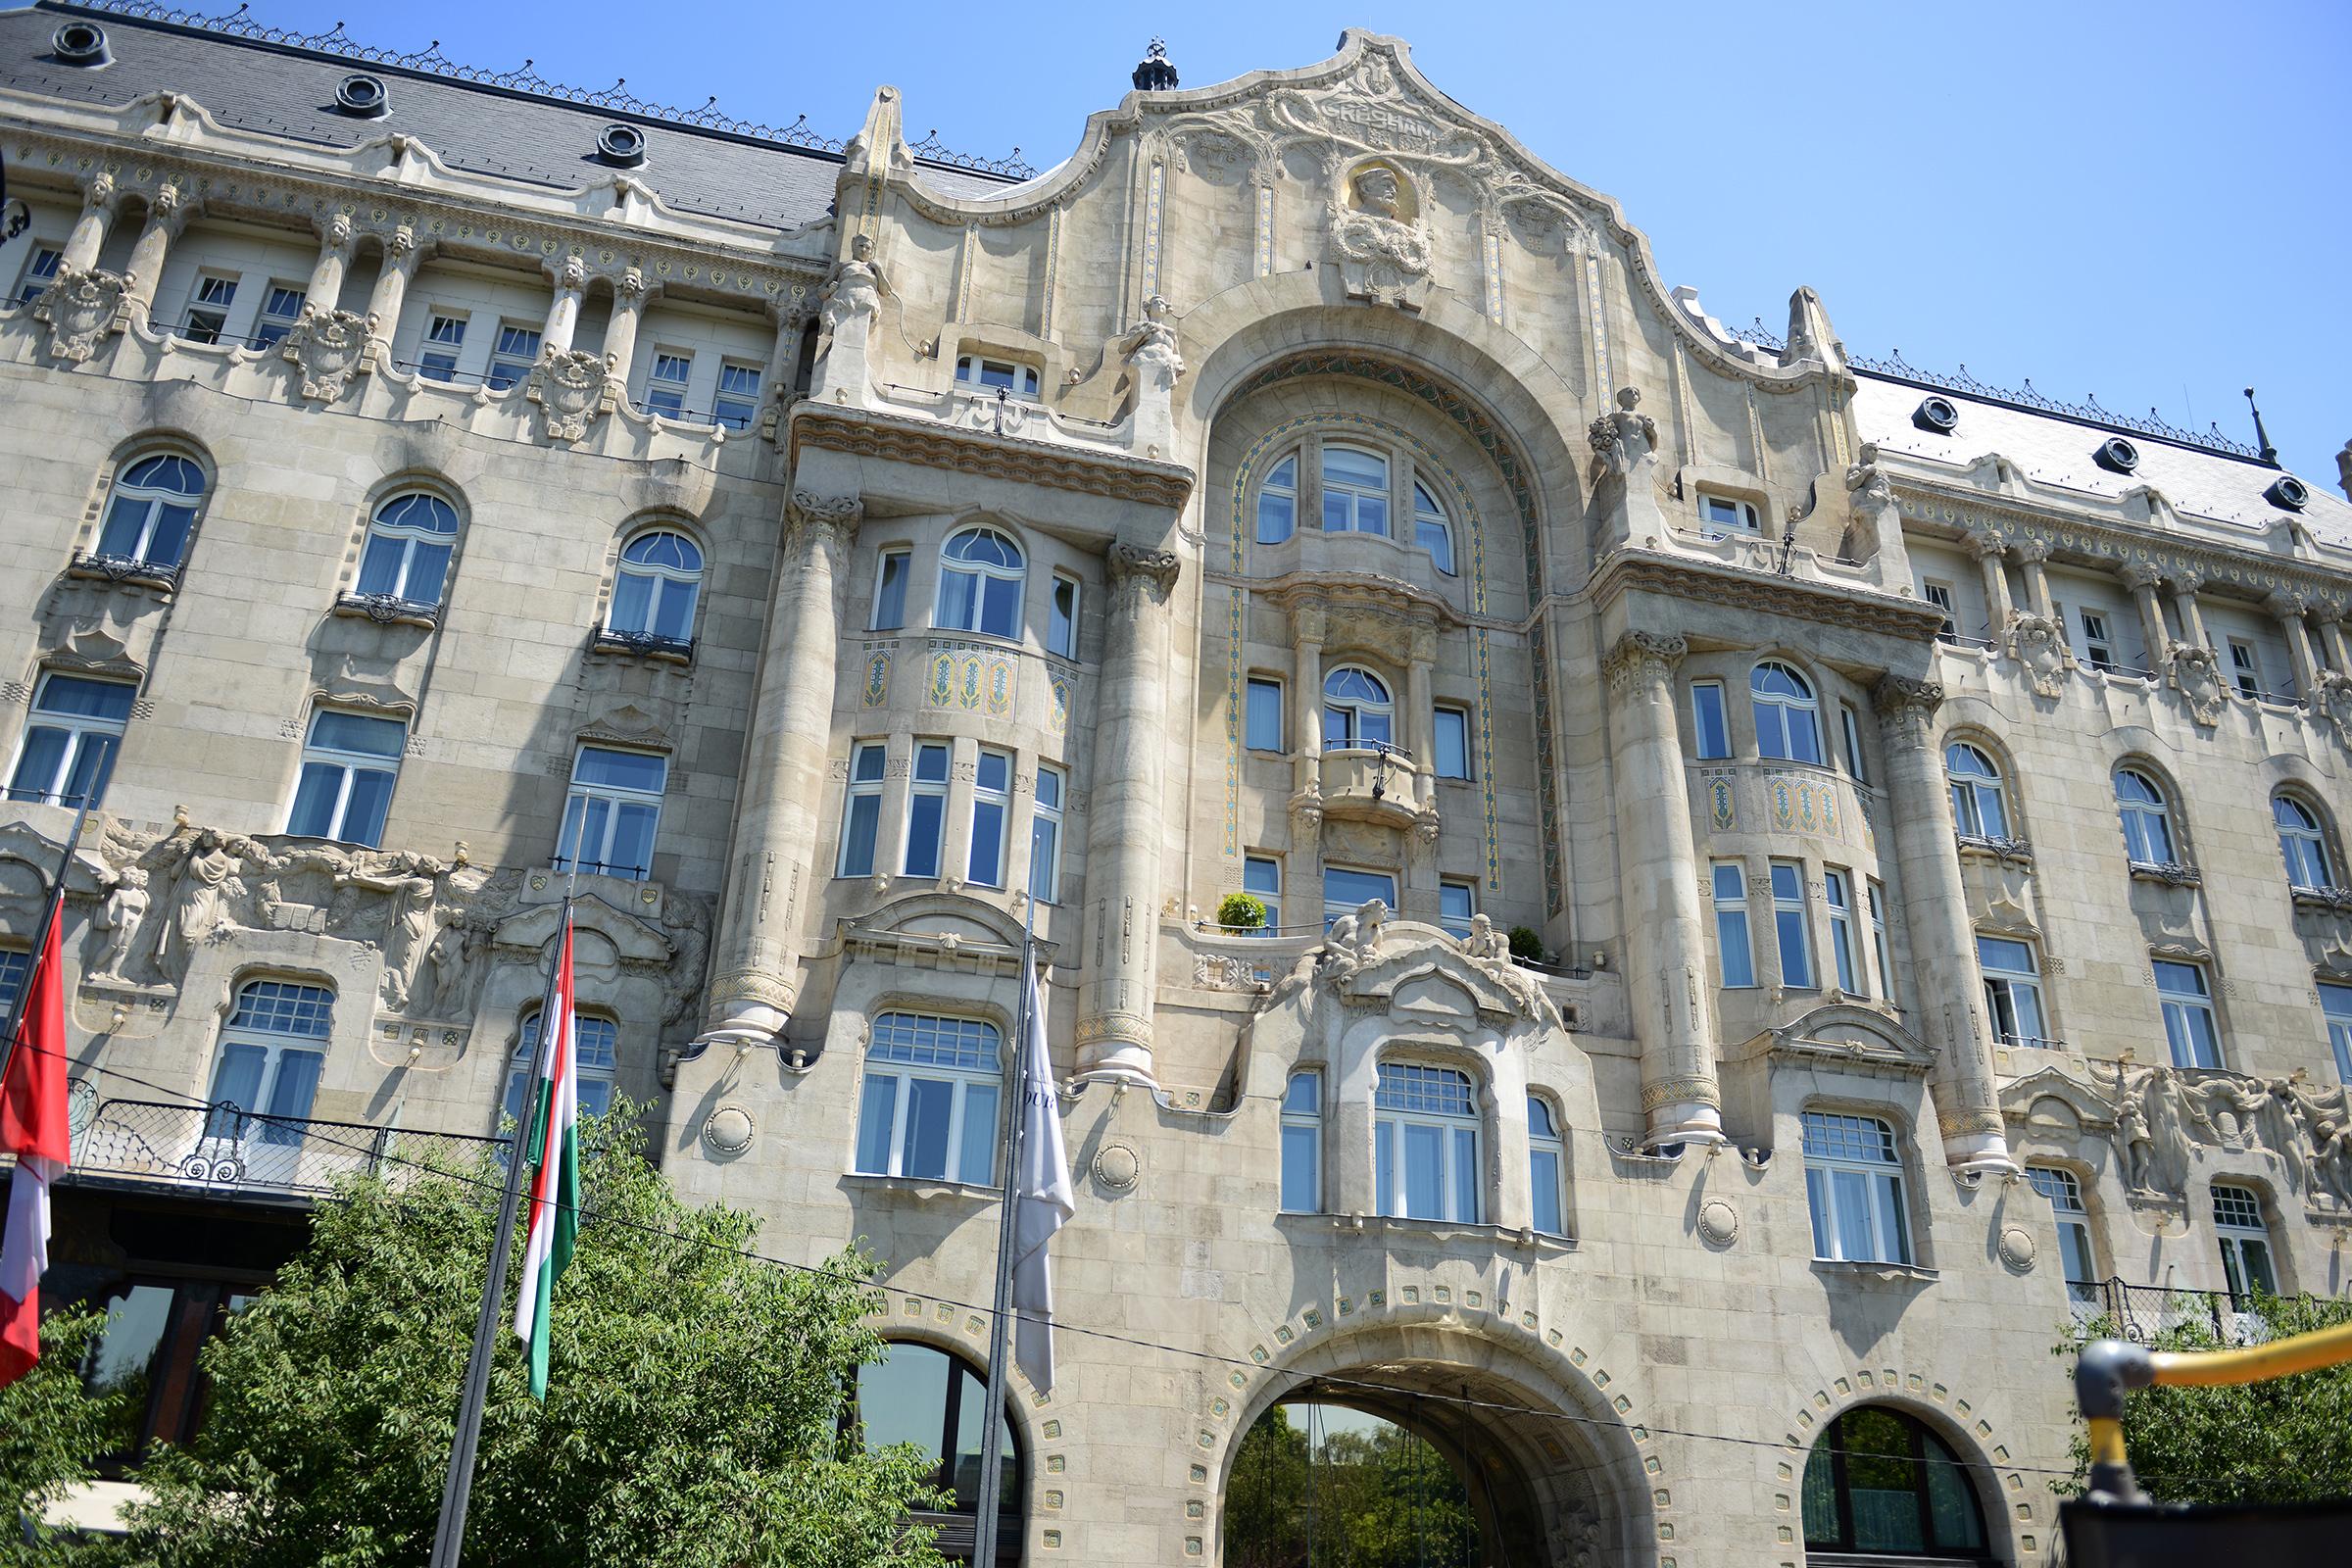 Budapesti városnézés